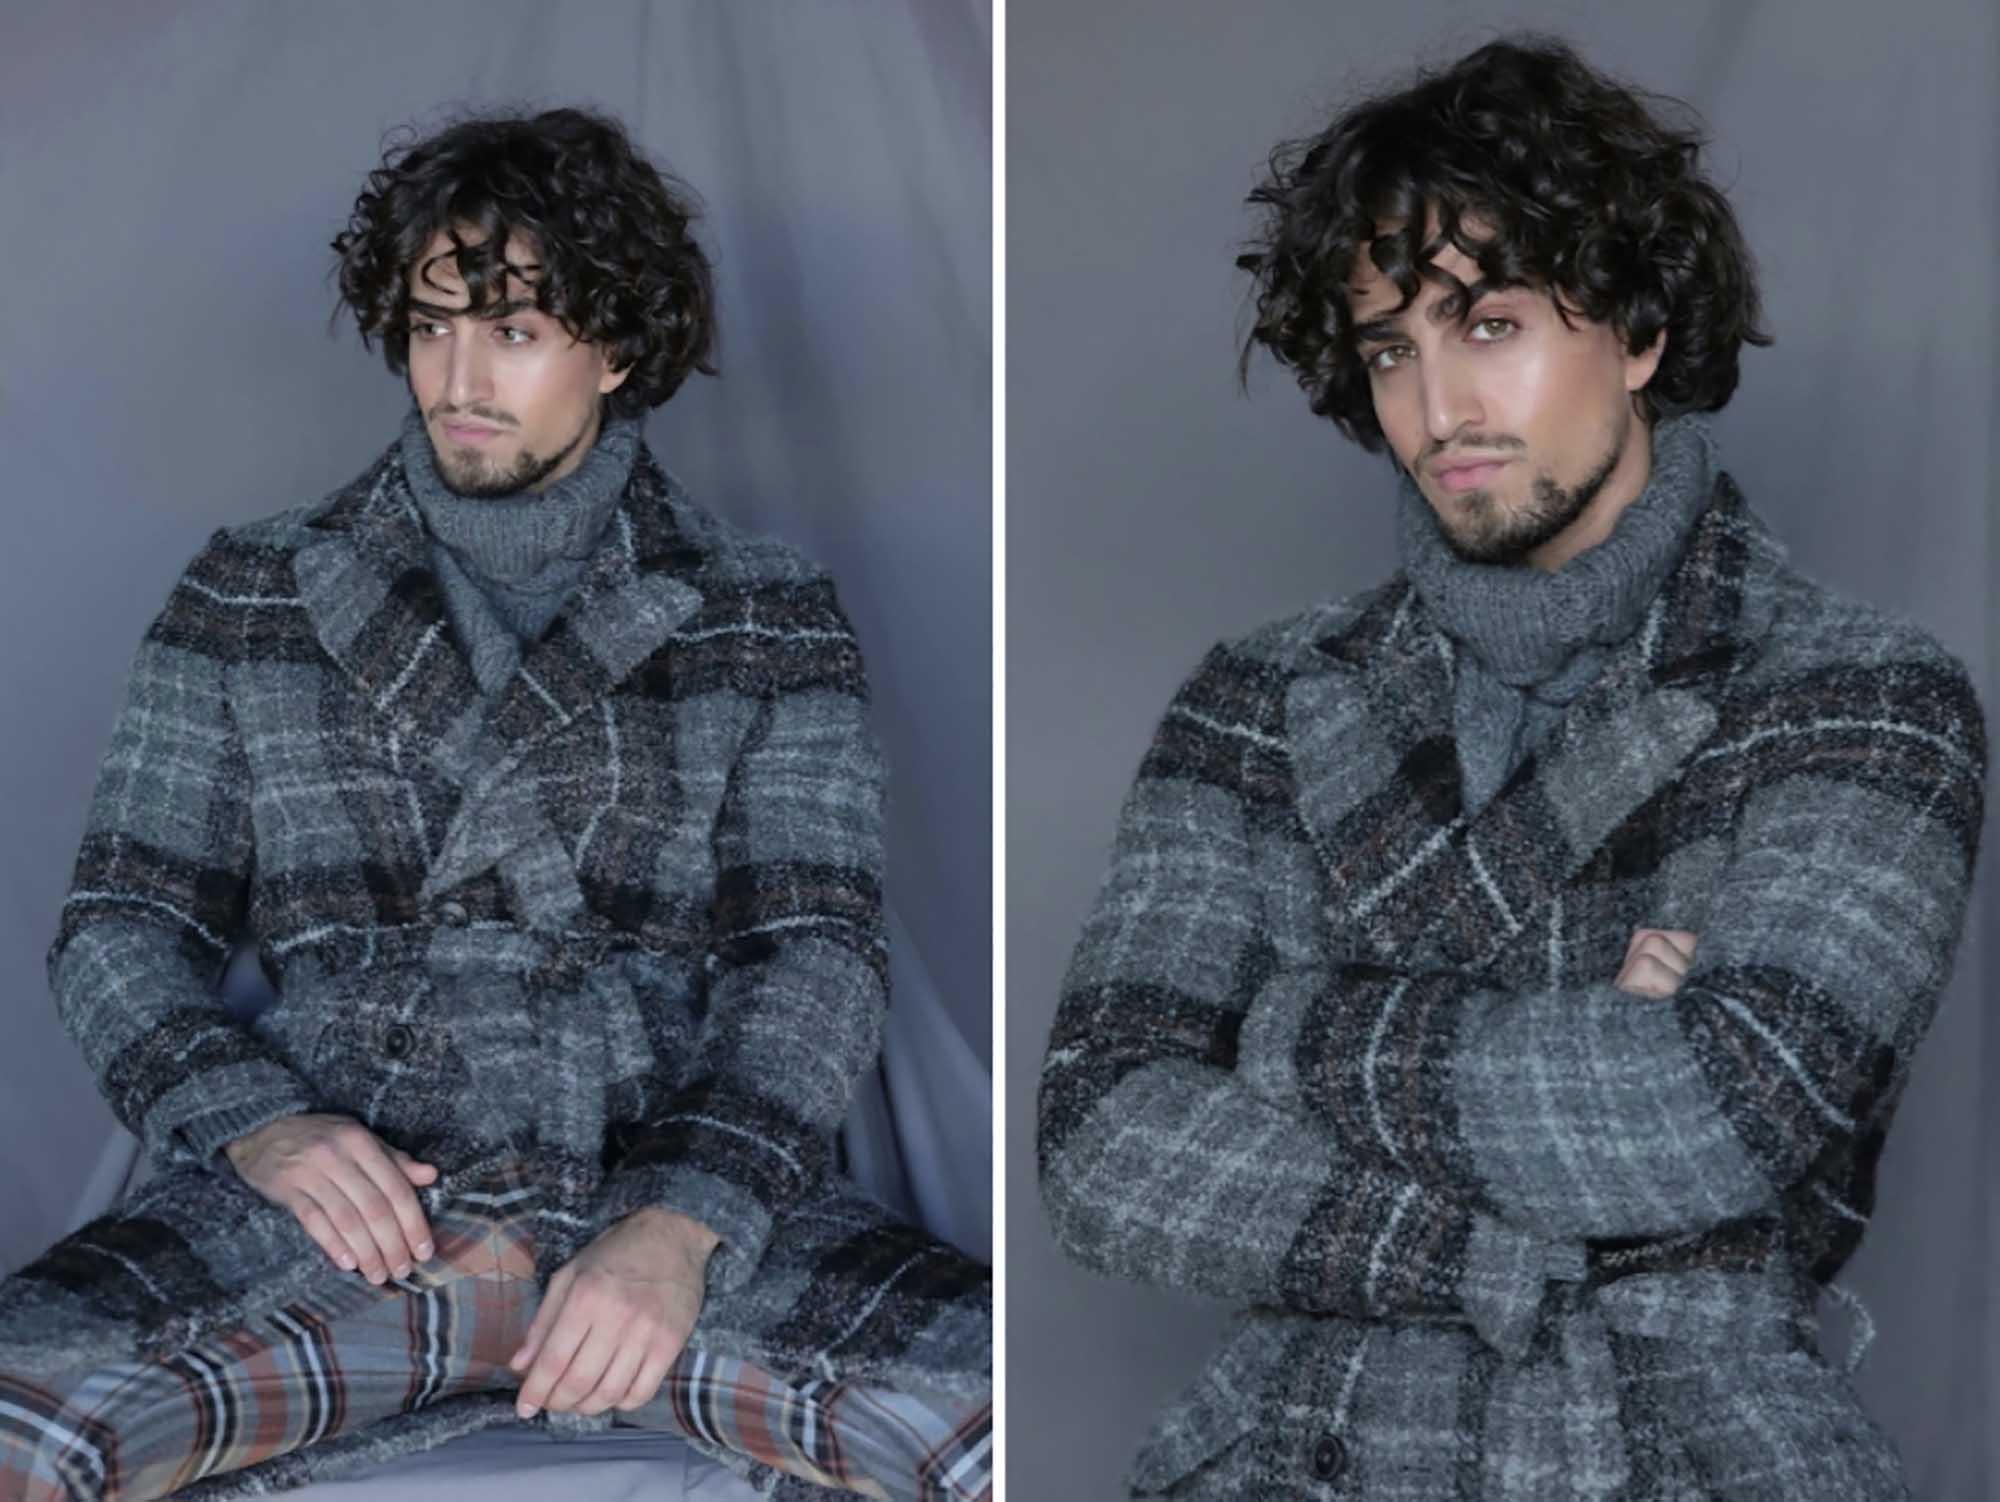 שון בלאיש. צילום: מאוריציו מונטני, מגזין אופנה - 10